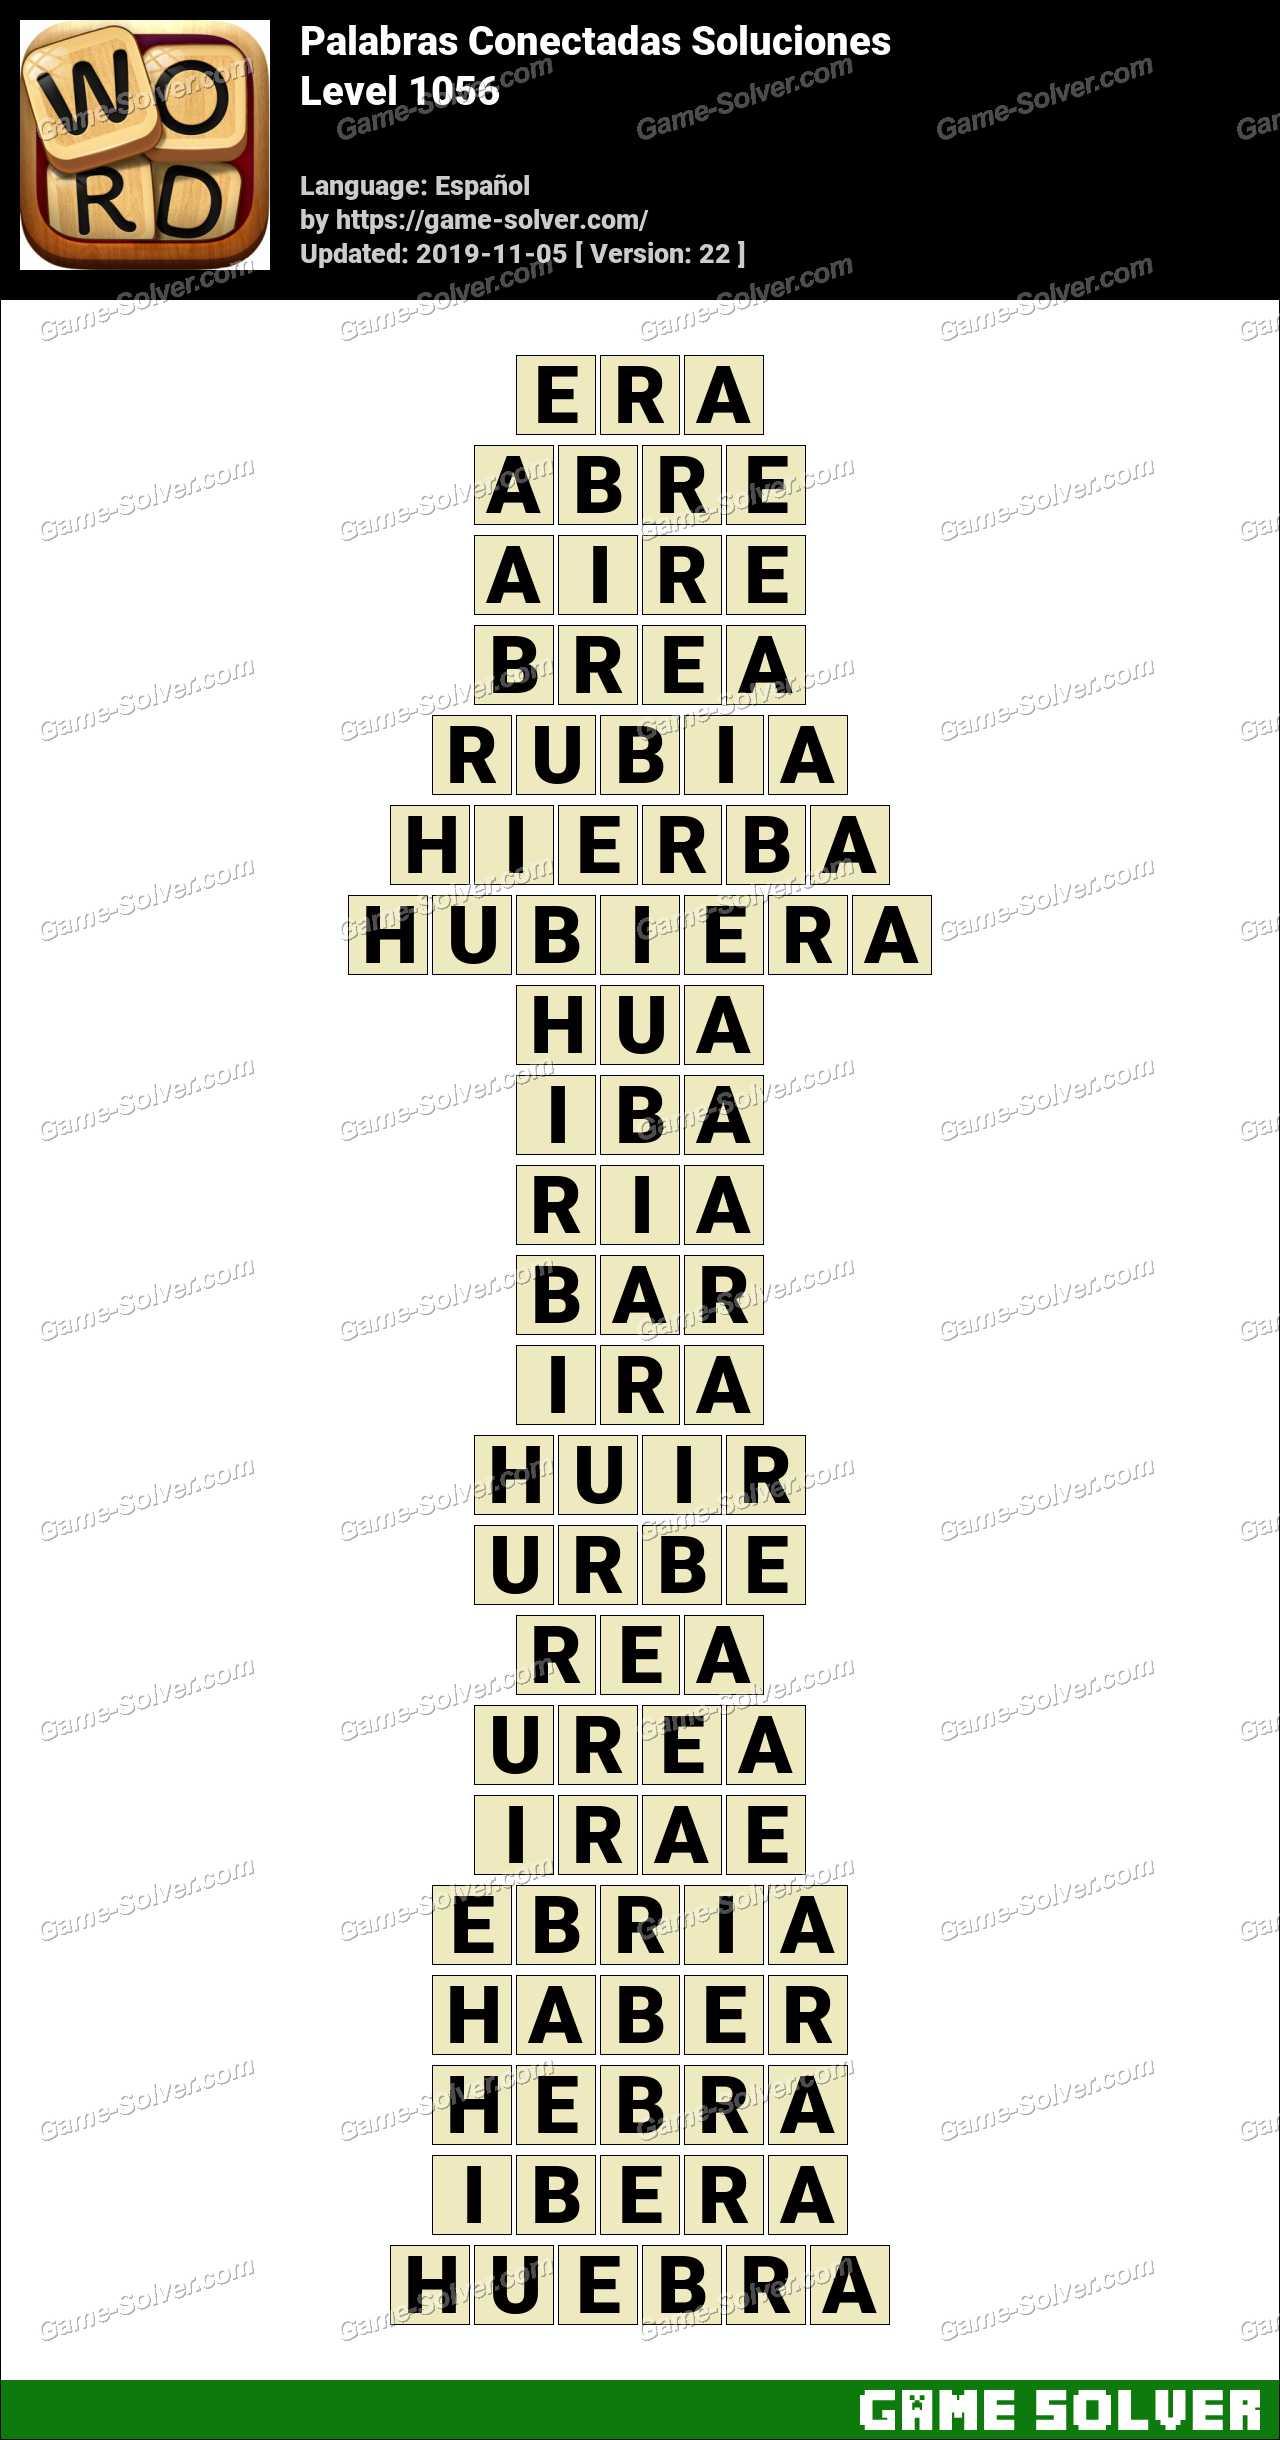 Palabras Conectadas Nivel 1056 Soluciones